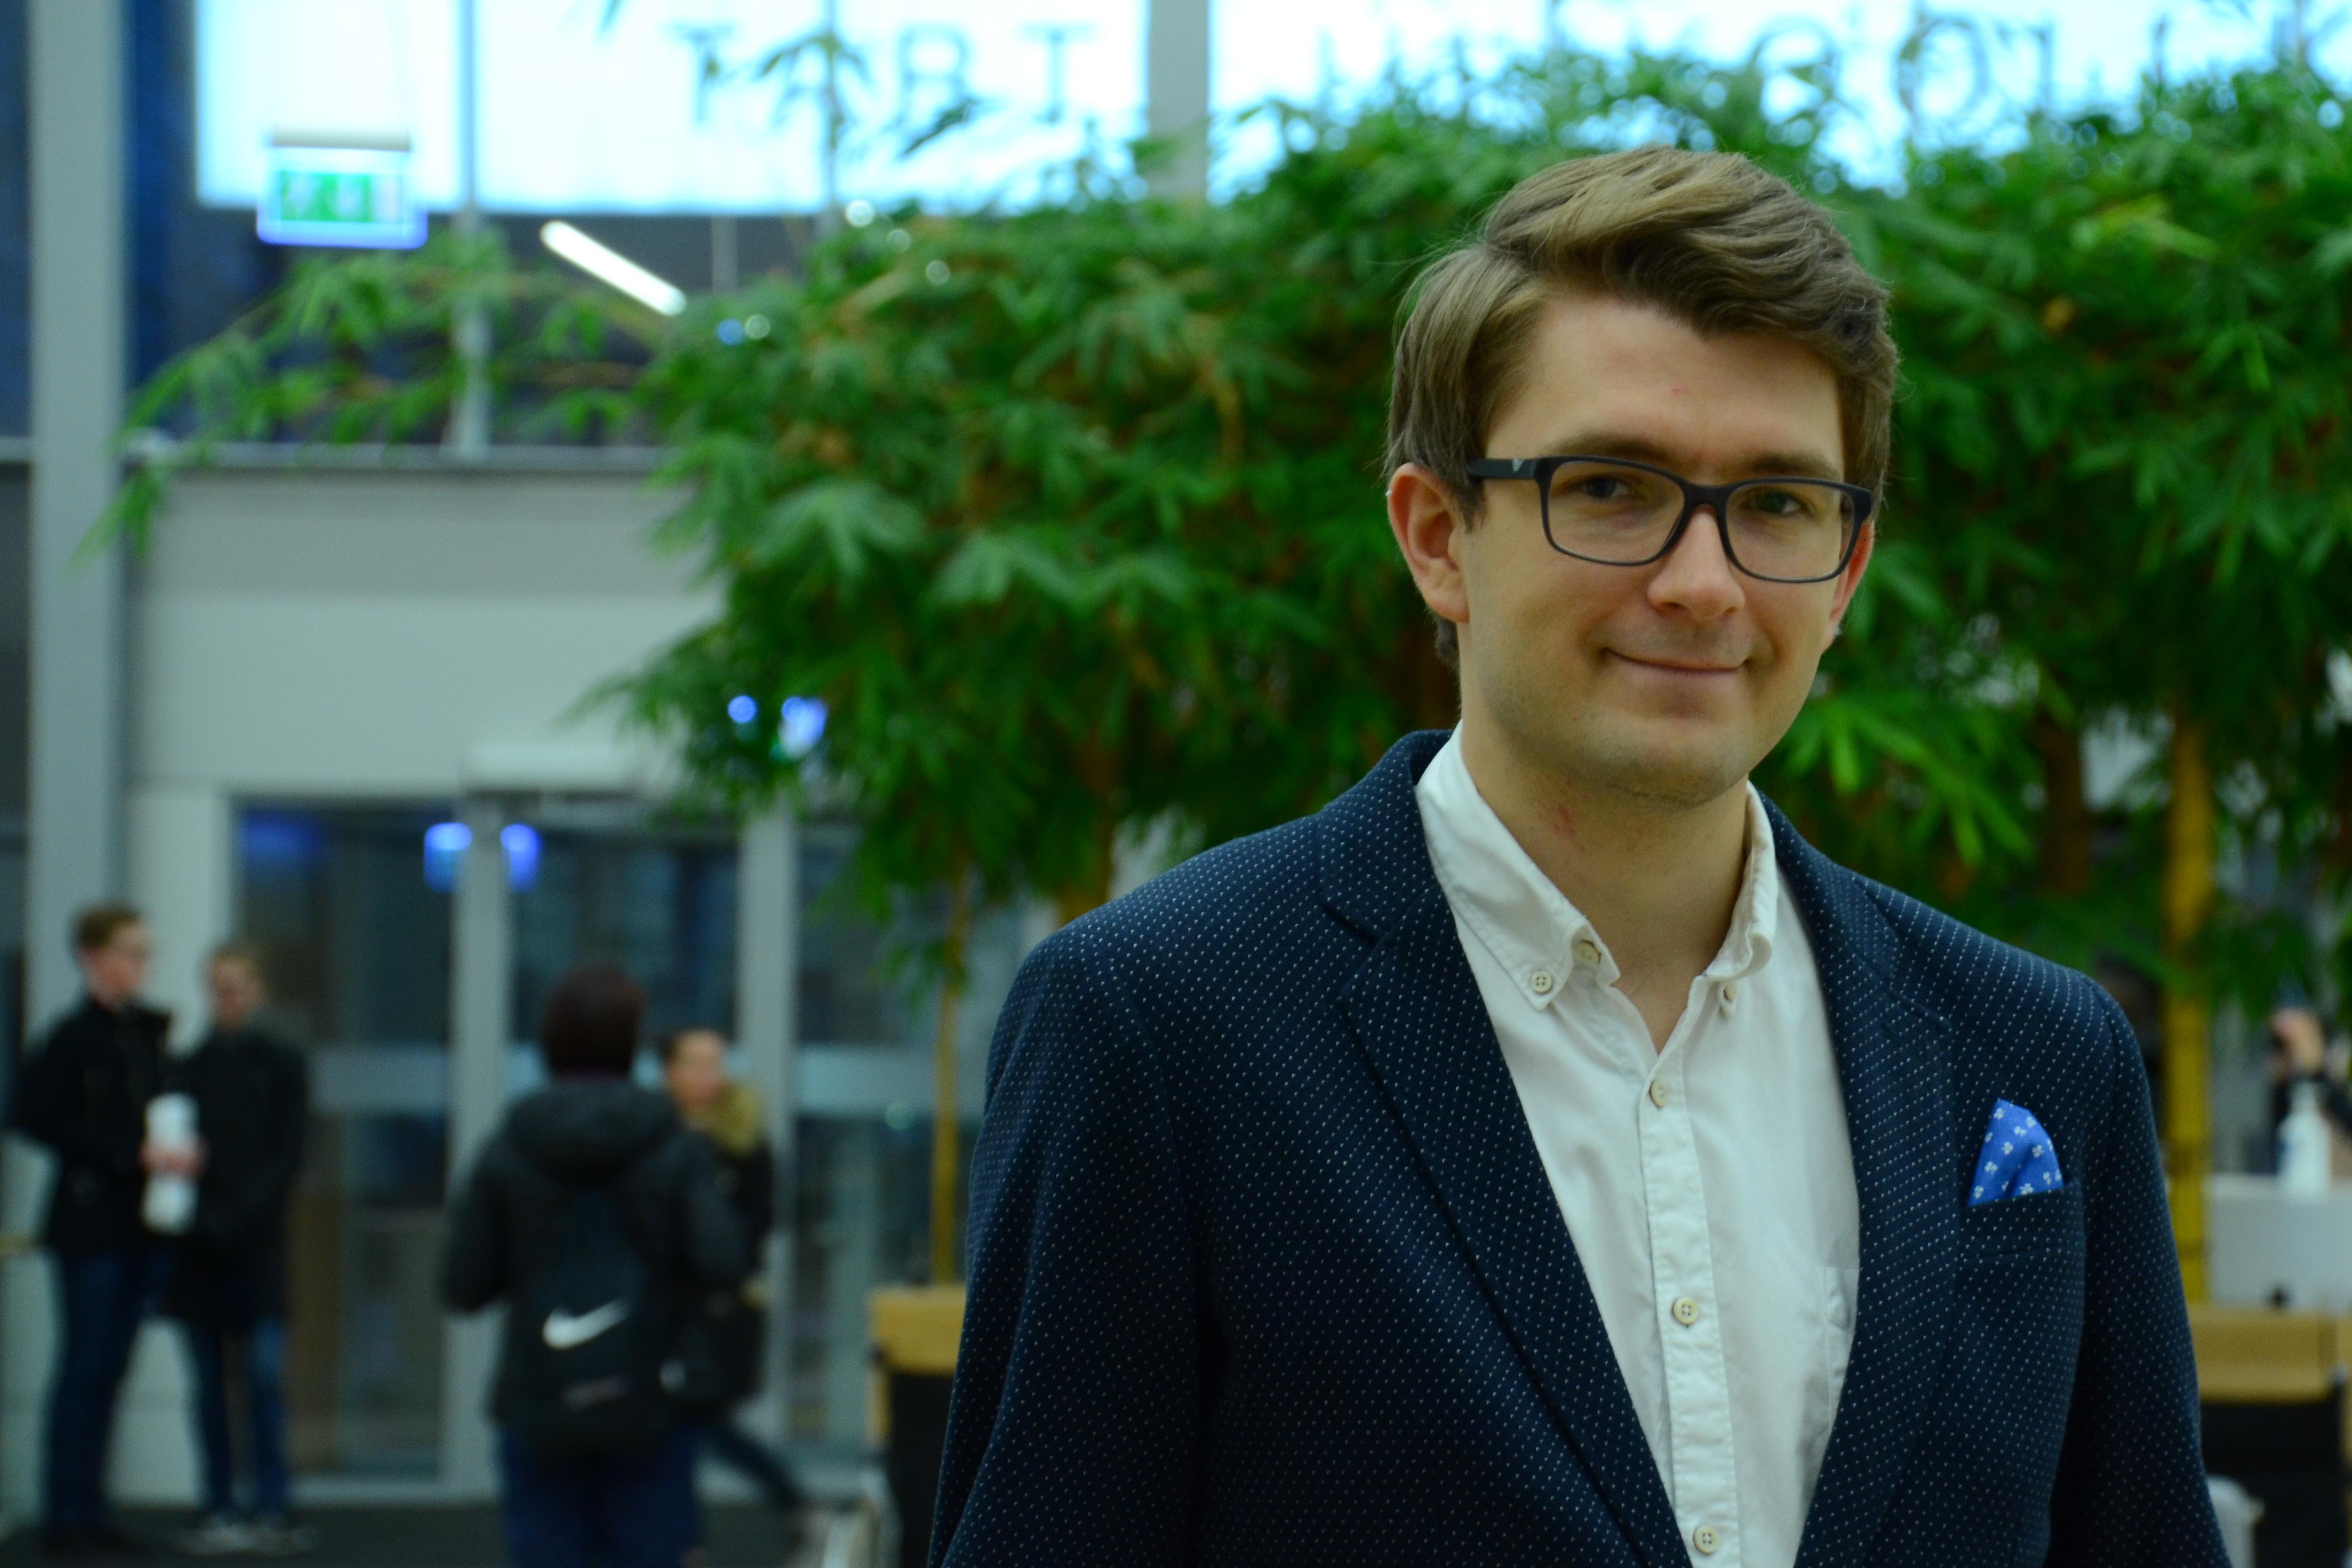 """Priit Tohver: """"Soovin, et Eestis käsitletaks tervist kõige kõrgema väärtusena, mille poole üks riik võiks liikuda"""""""